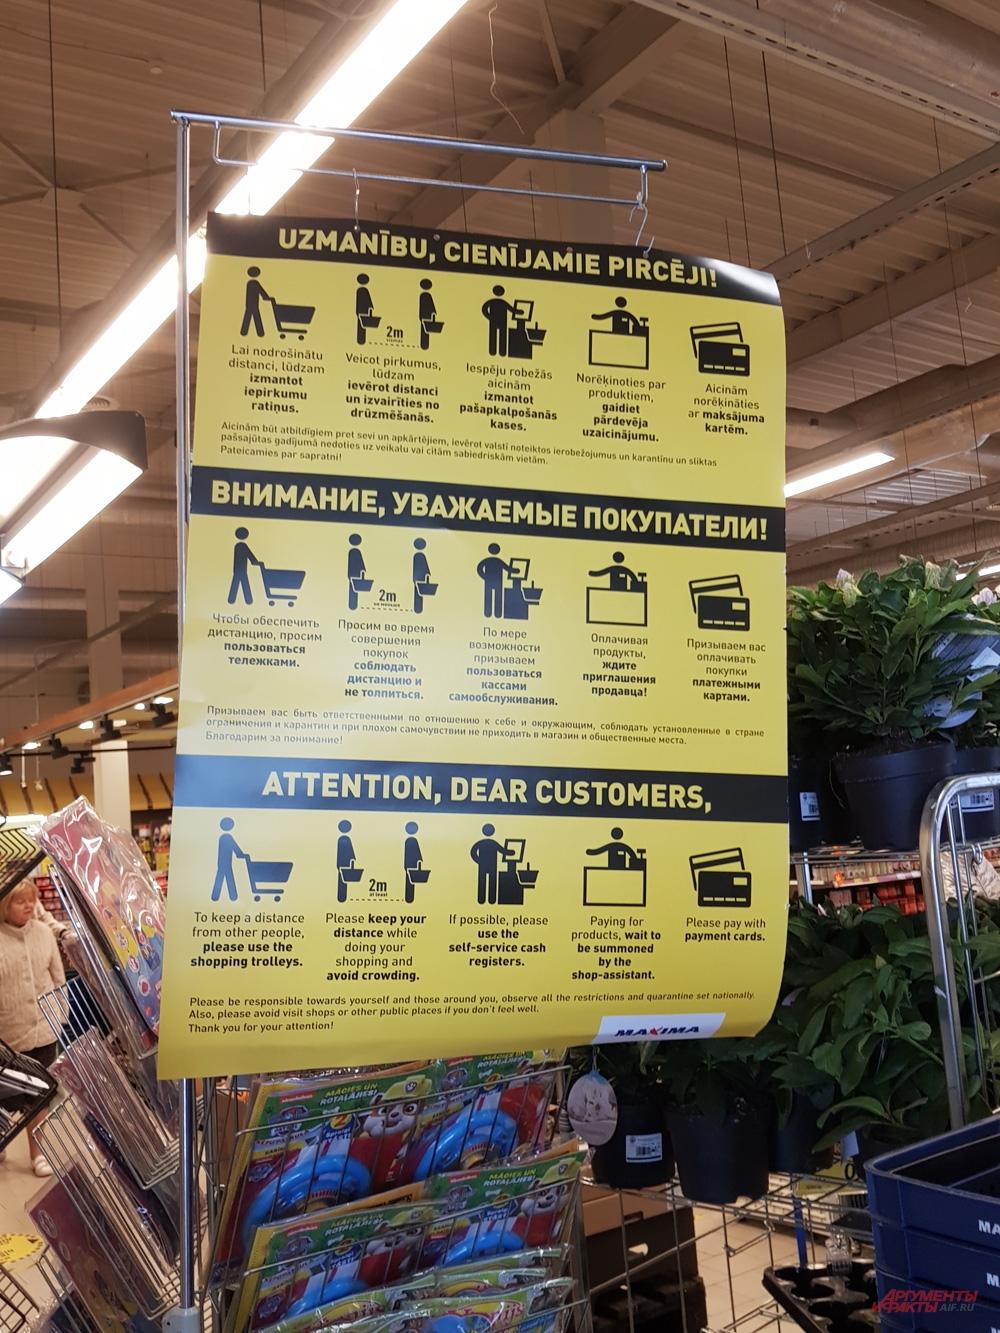 Плакат о мерах против вируса в рижском магазине.